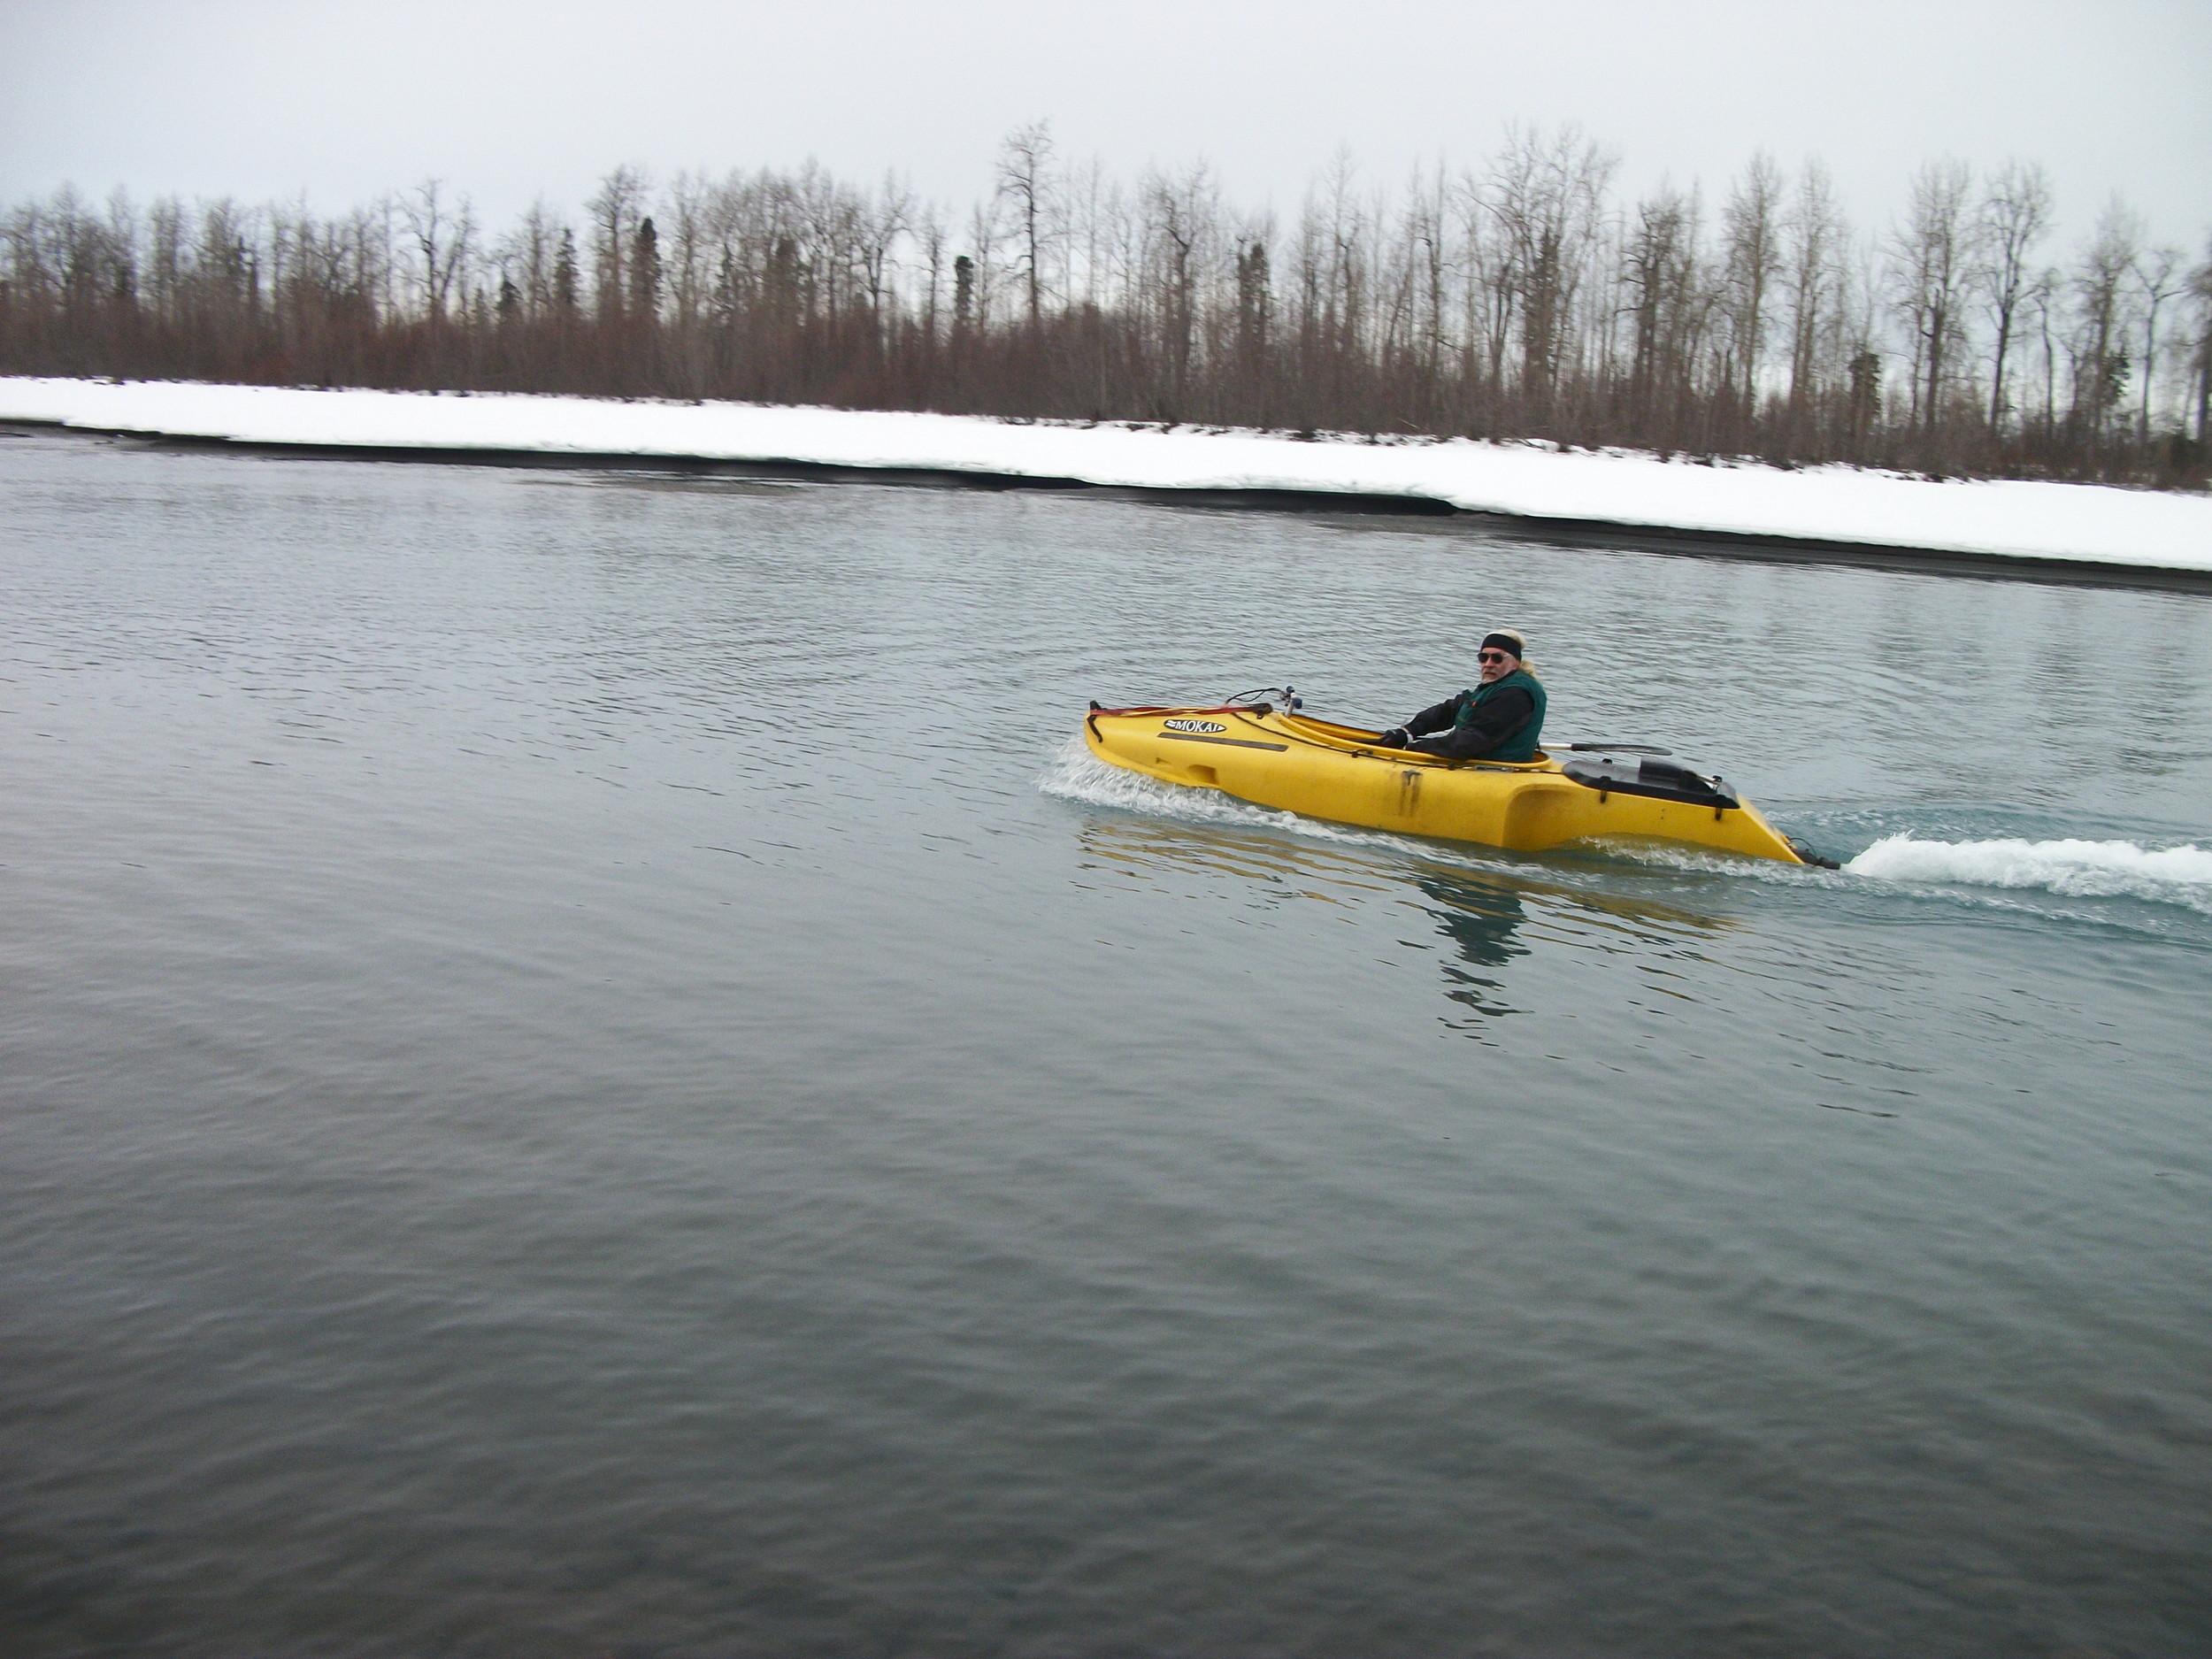 Knik River, AK